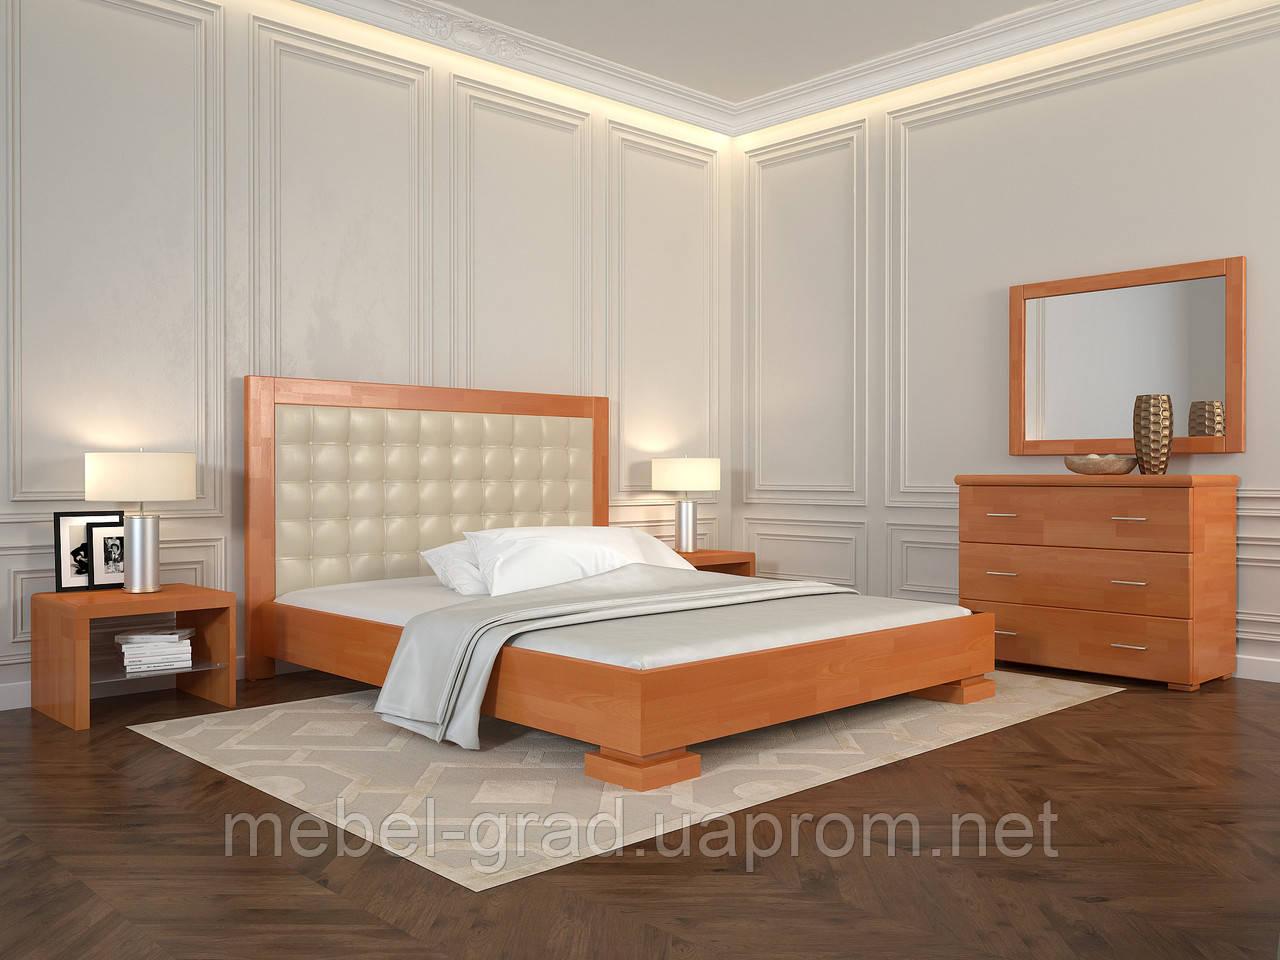 Кровать Arbordrev Подиум квадраты (180*200) сосна